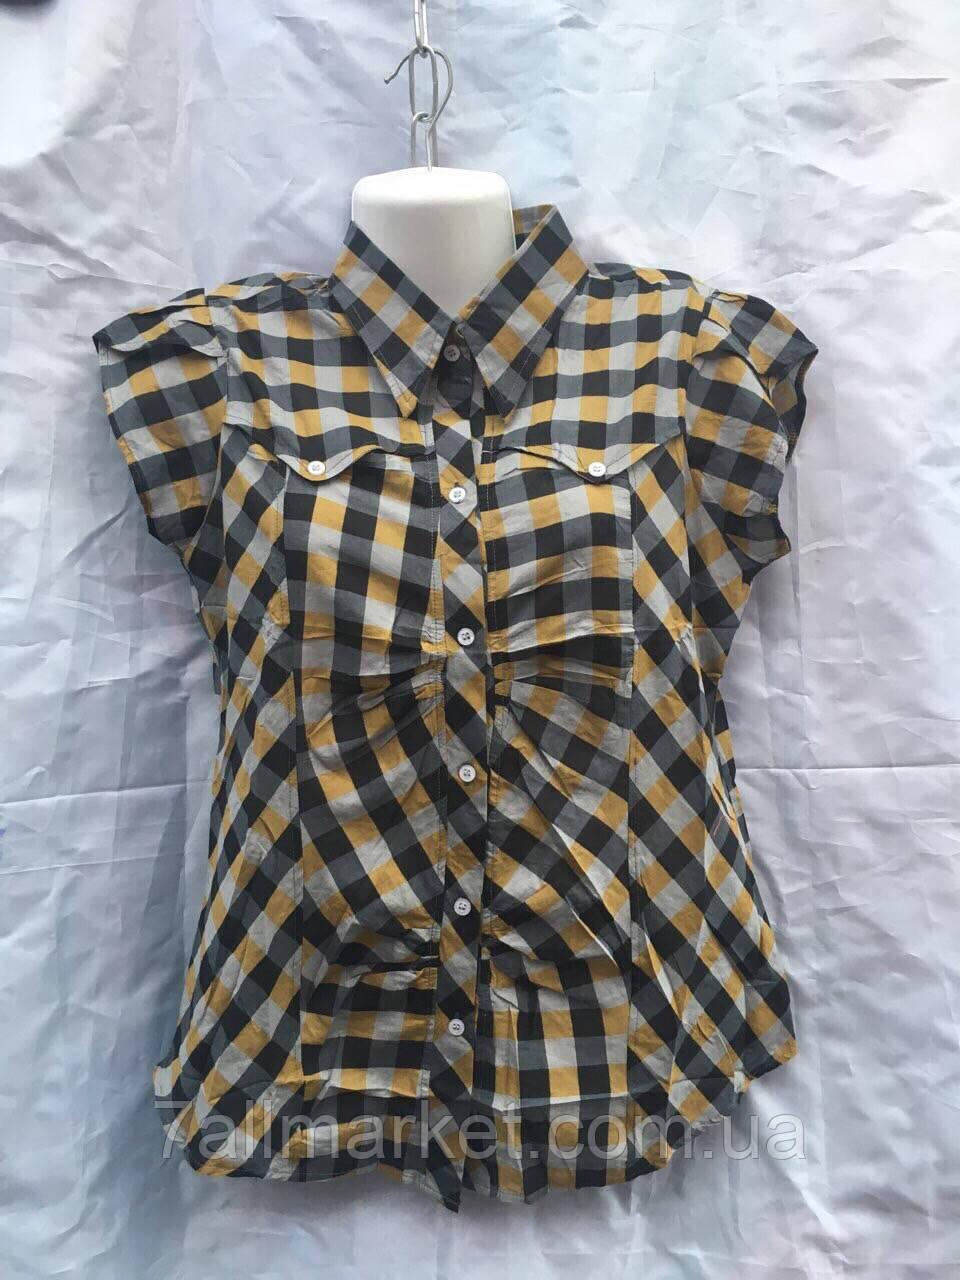 """Рубашка женская с принтом, размер 42-50 """"KING"""" купить недорого от прямого поставщика"""